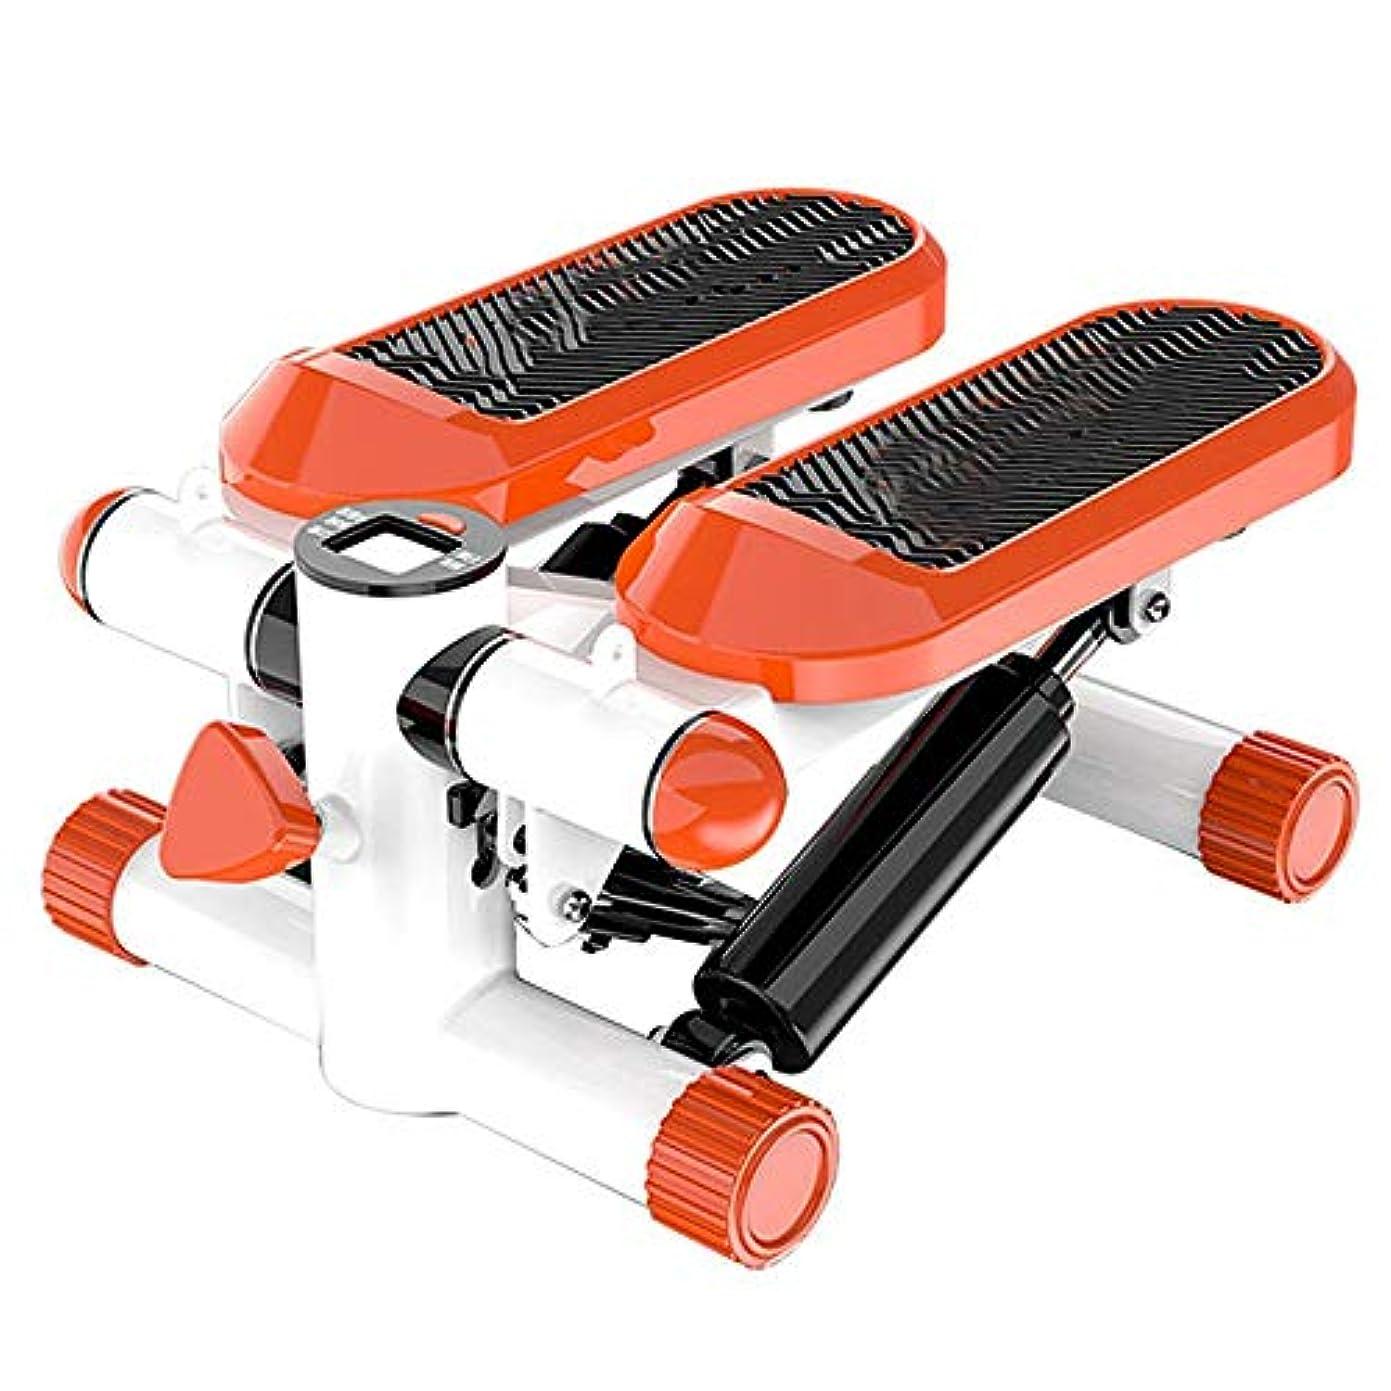 静的出来事創始者すてっぱー ステッピングマシンホーム減量登山ペダル多機能 ステップ器具 (Color : Orange, Size : One size)